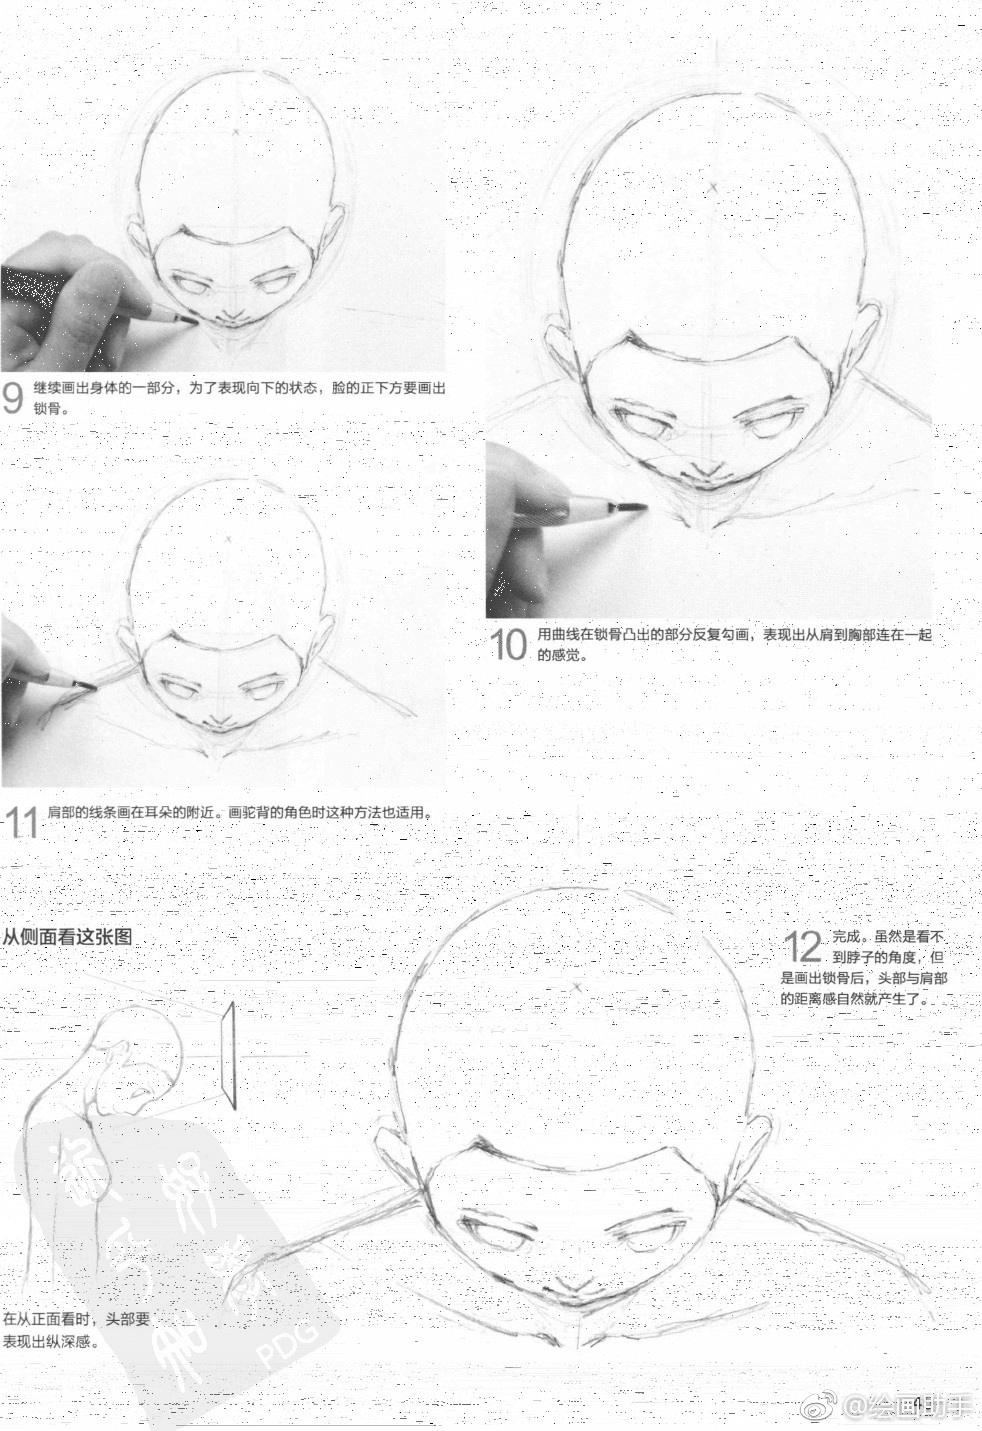 日本漫画大师手绘各个面部角度的画法讲解喜欢漫画高木直子在线阅读图片